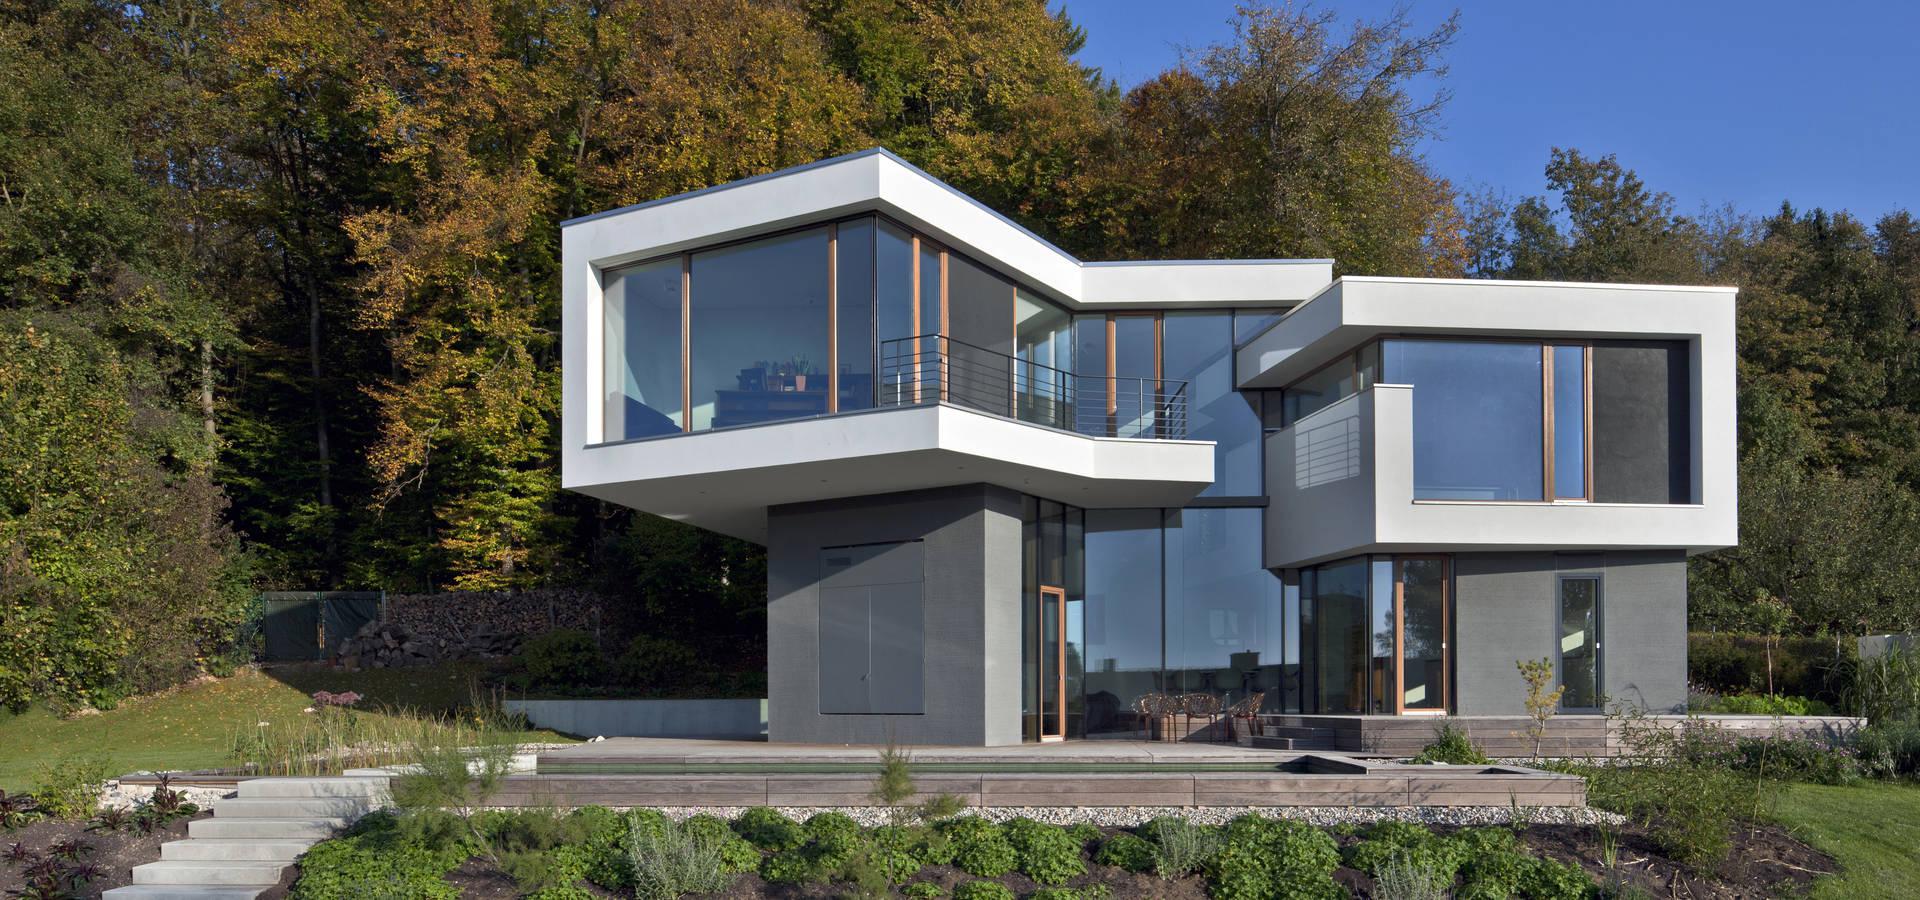 Kauffmann Theilig & Partner, Freie Architekten BDA